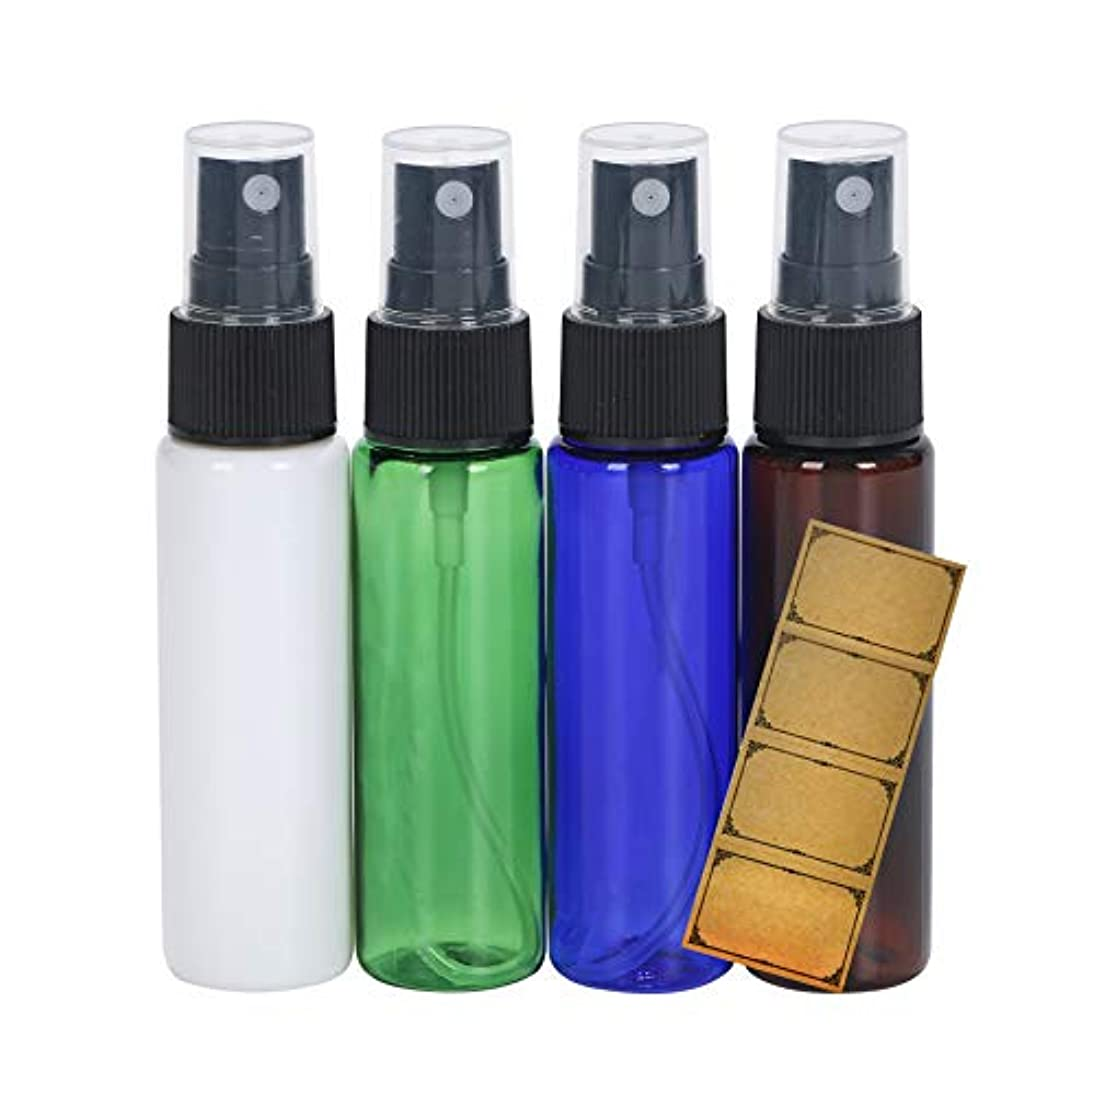 有名人おいしいインテリアスプレーボトル 30ml 4本 オリジナルラベルシール付き 遮光 PET製 (4色(青、緑、茶、白))